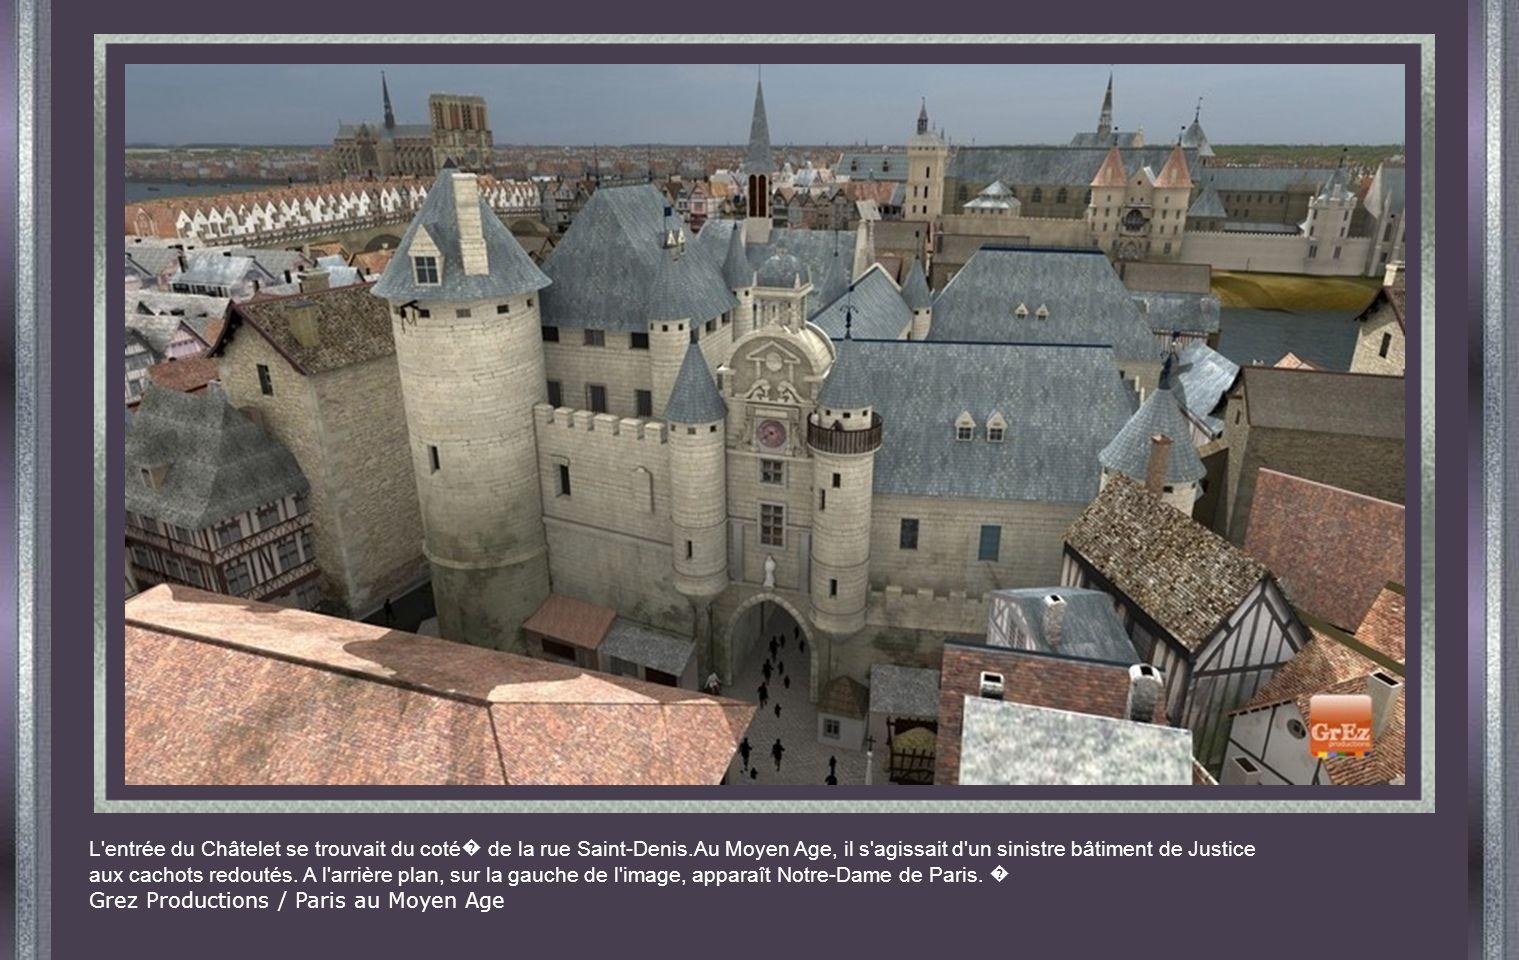 L entrée du Châtelet se trouvait du coté de la rue Saint-Denis.Au Moyen Age, il s agissait d un sinistre bâtiment de Justice aux cachots redoutés.